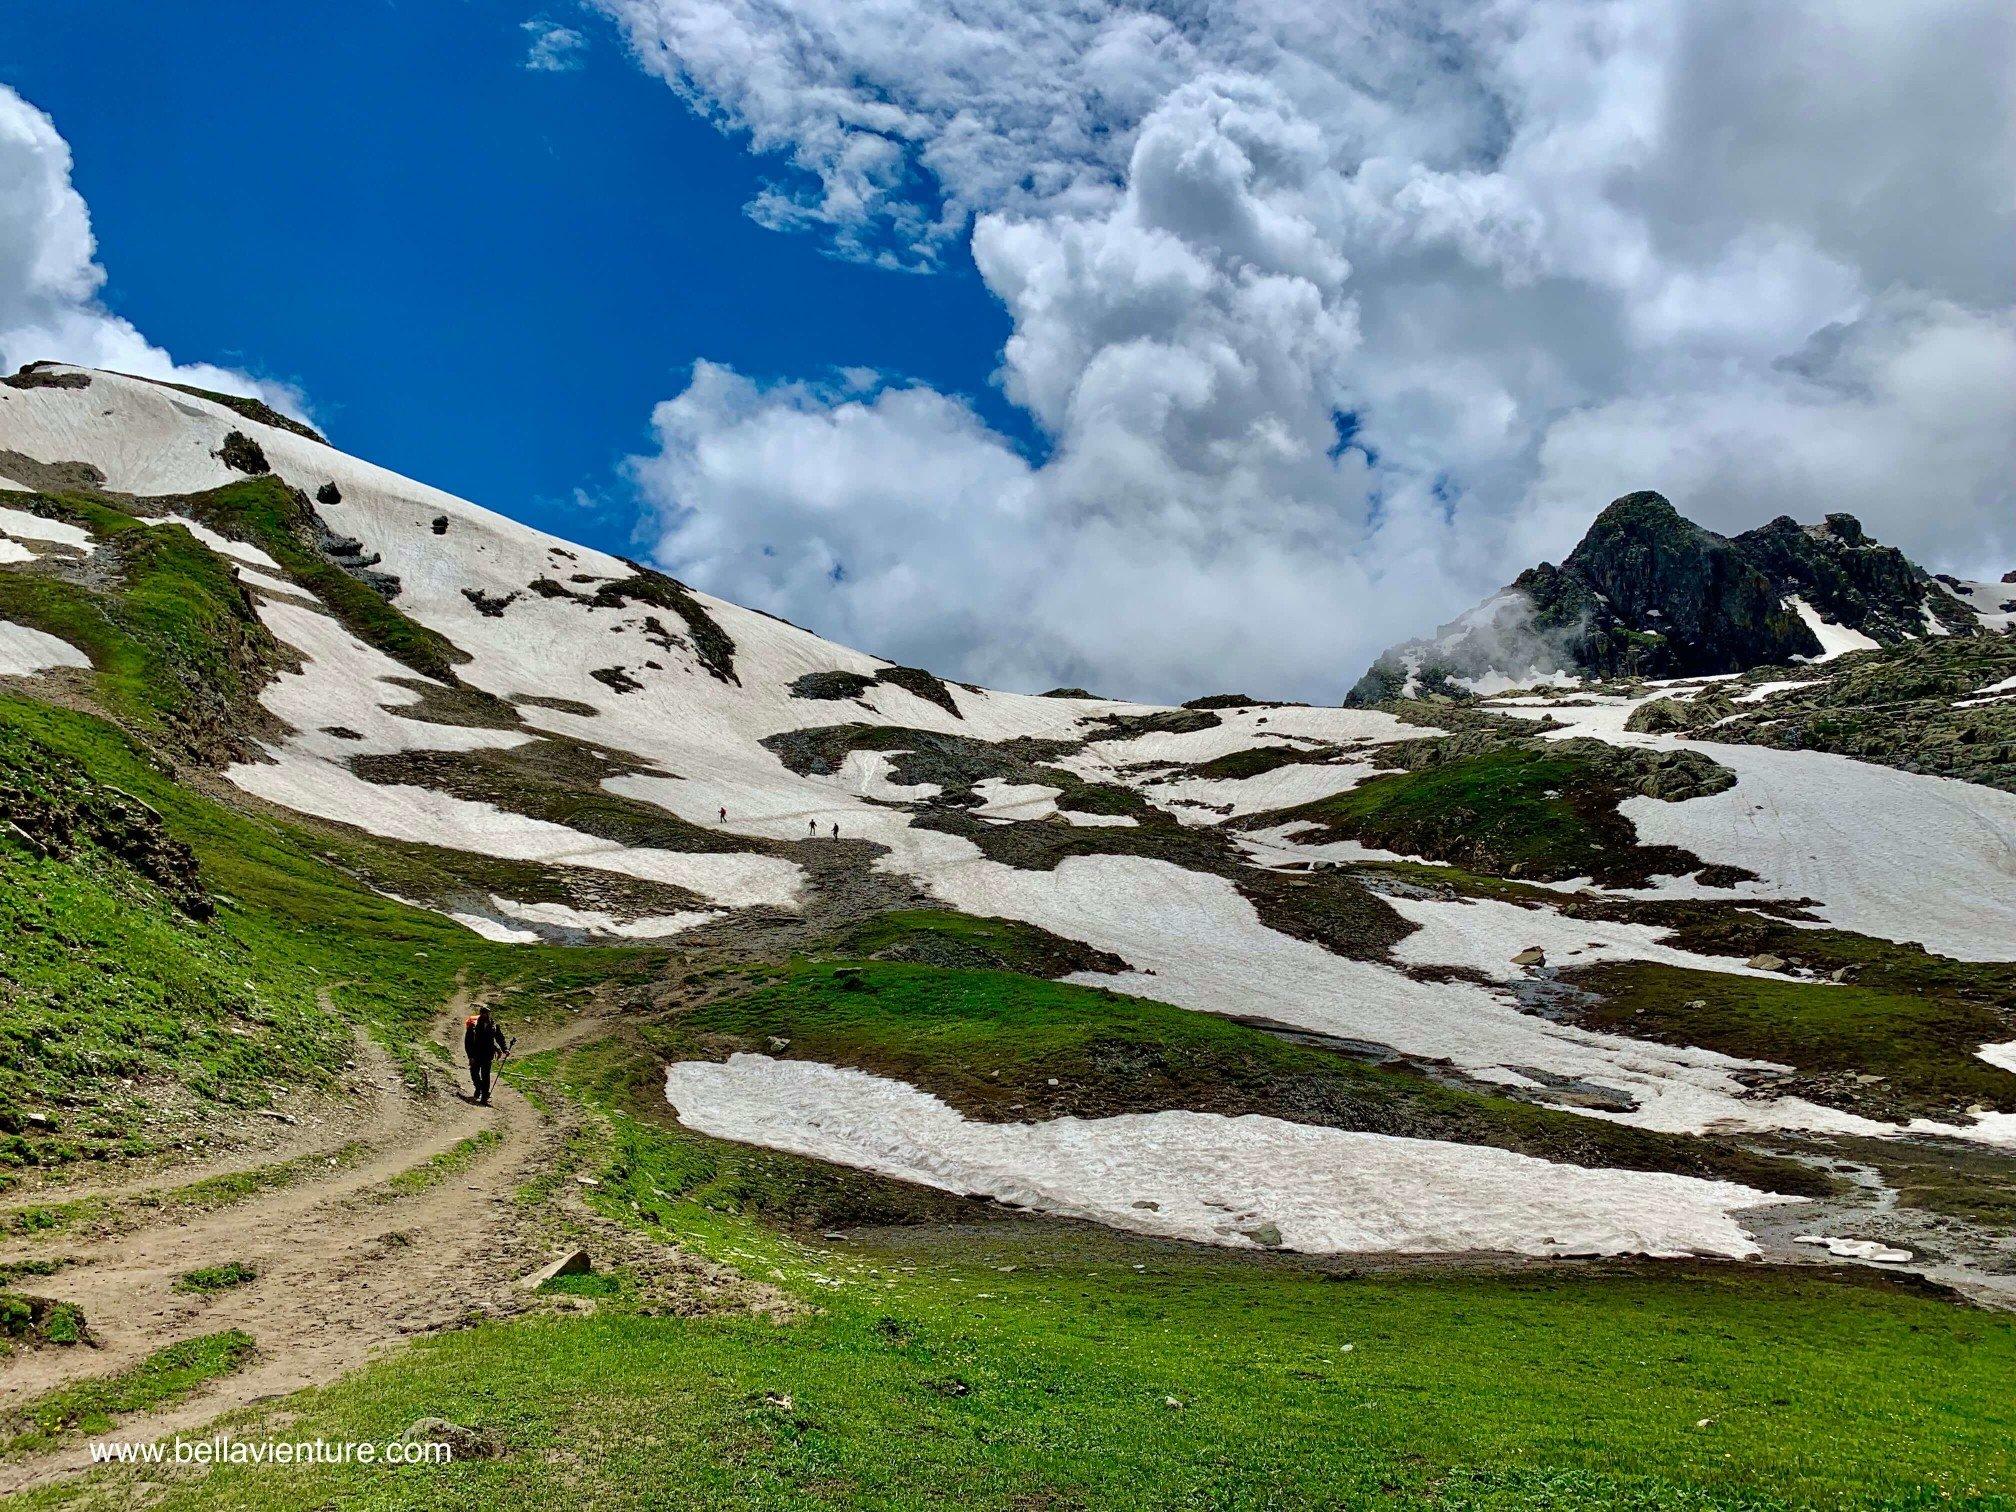 印度 India 北北印 North India 喀什米爾  Kashmir 八天七夜 健行 大自然 冰河